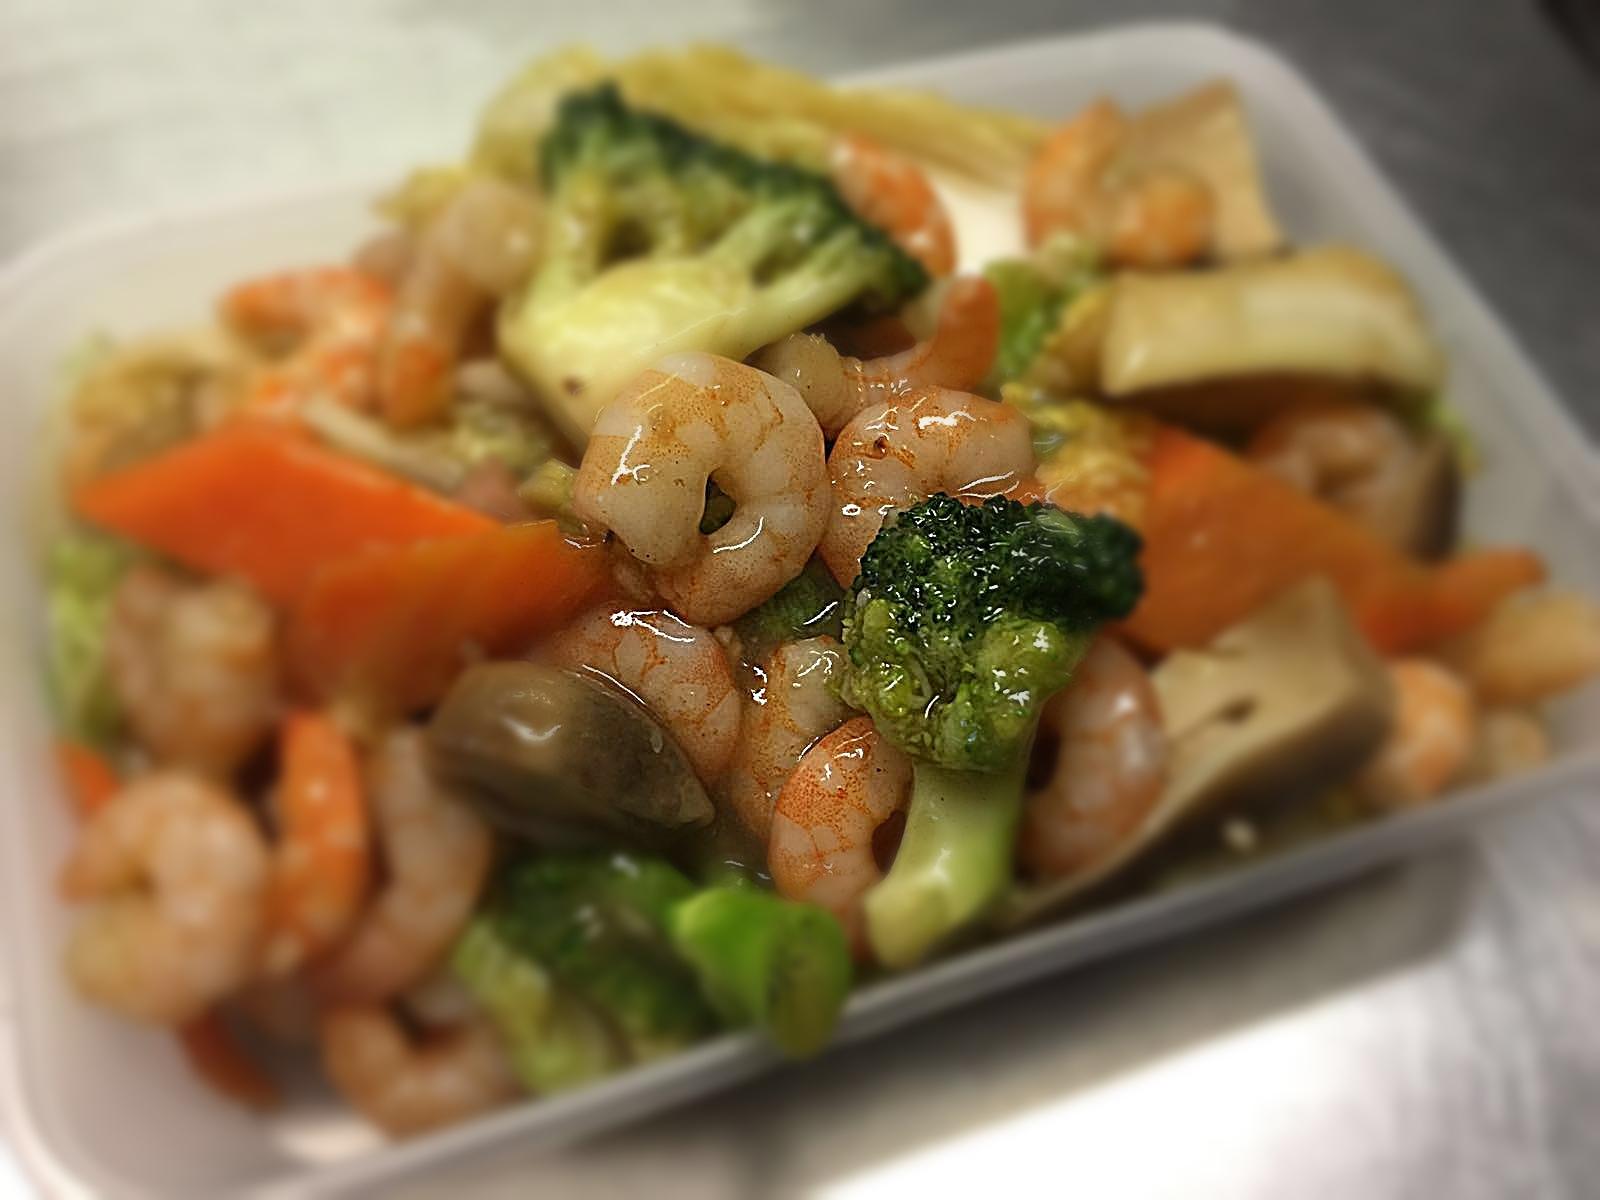 Shrimps & Mixed Vegetables